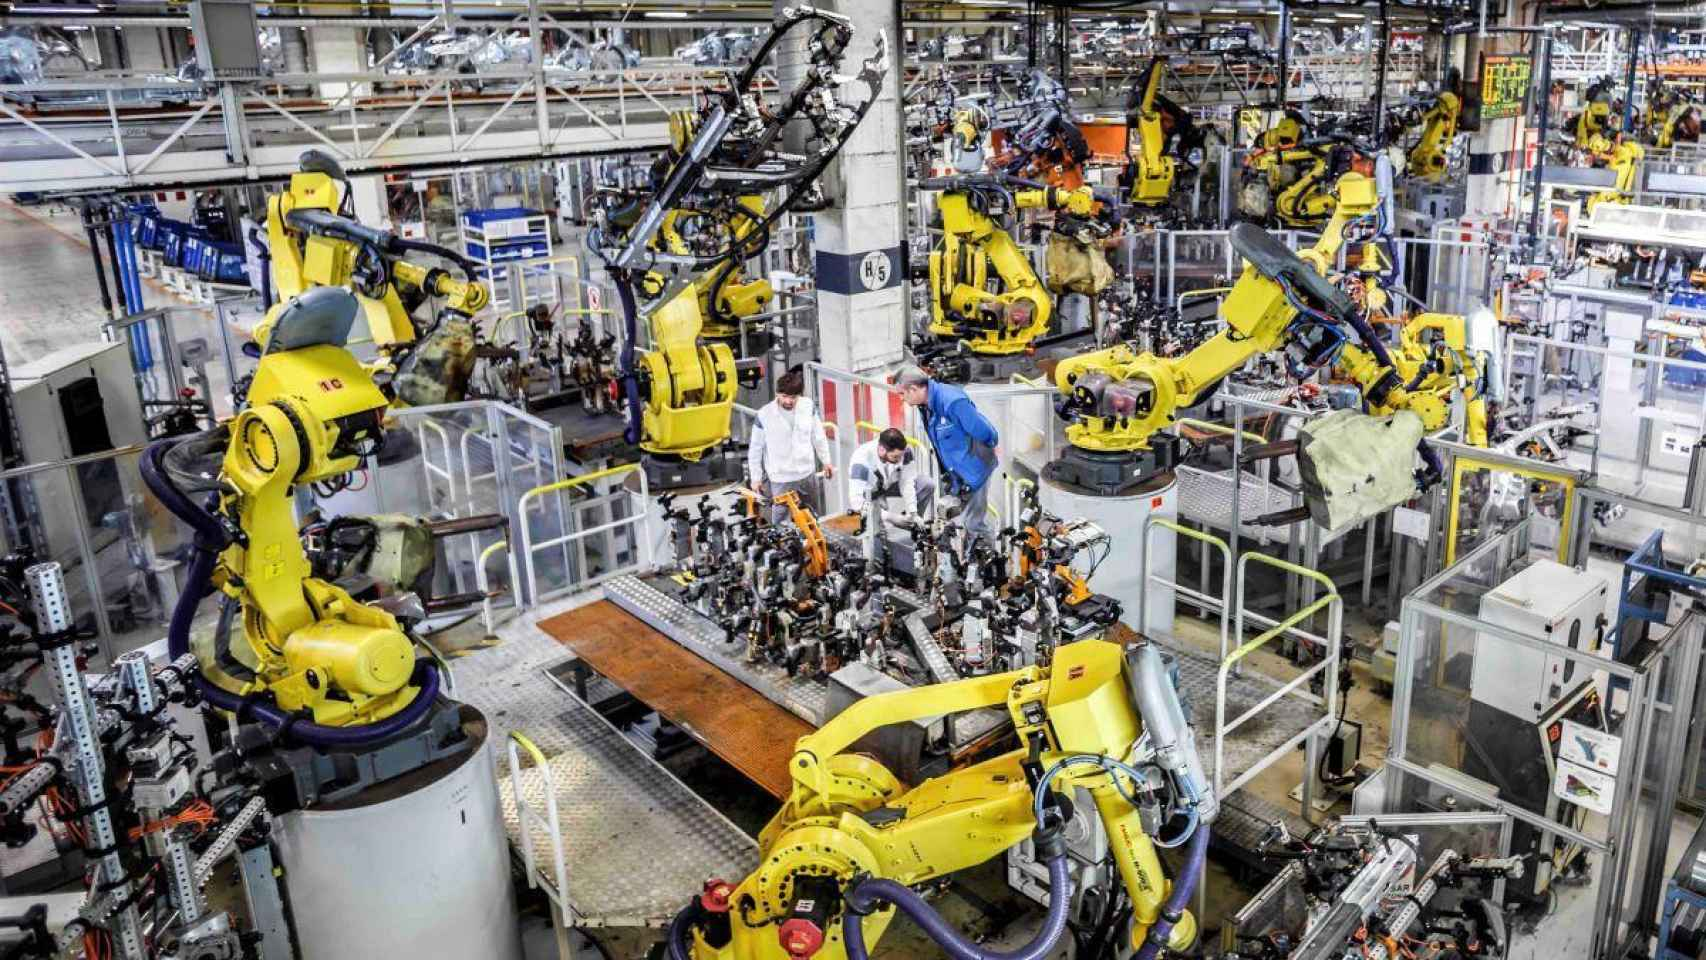 Imagen de una fábrica de automóviles.